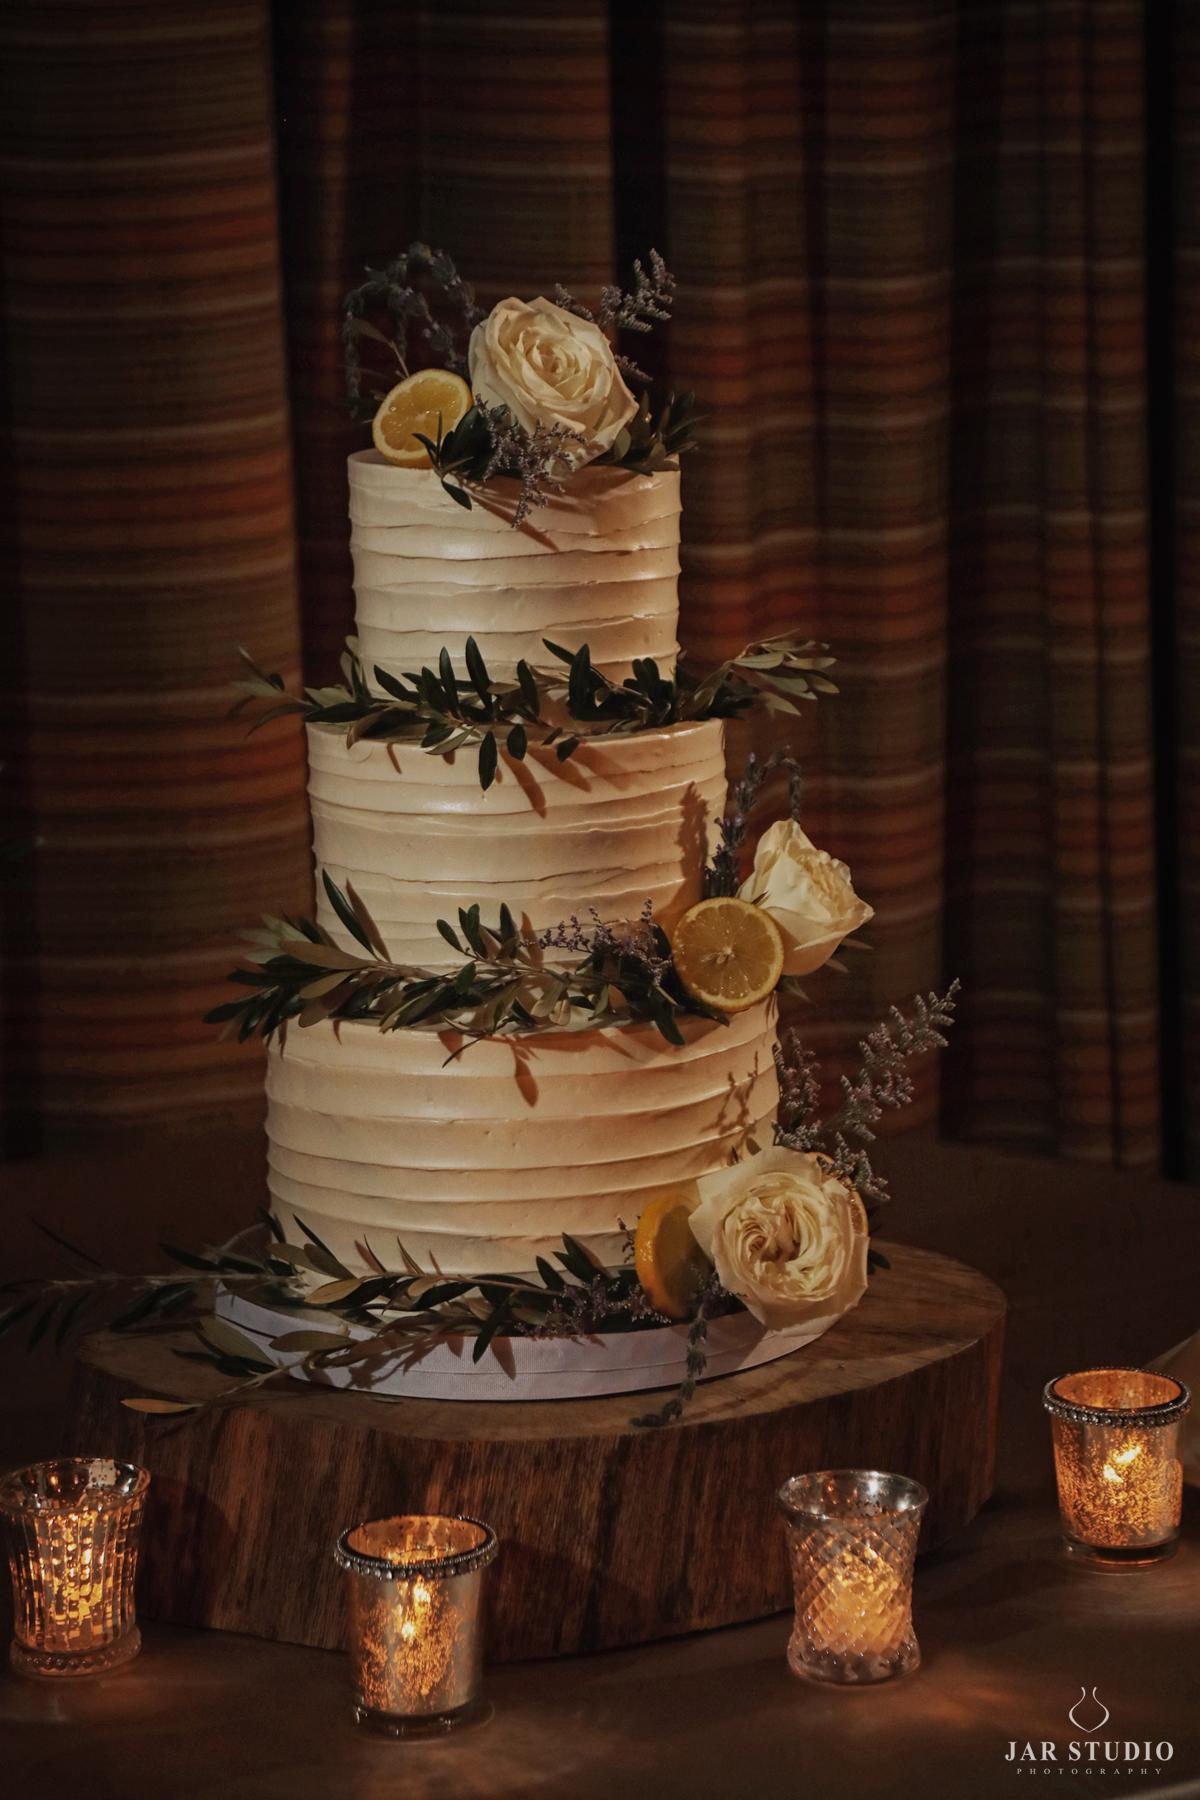 36-lemon-wedding-cake-amazing-jarstudio-photography.jpg